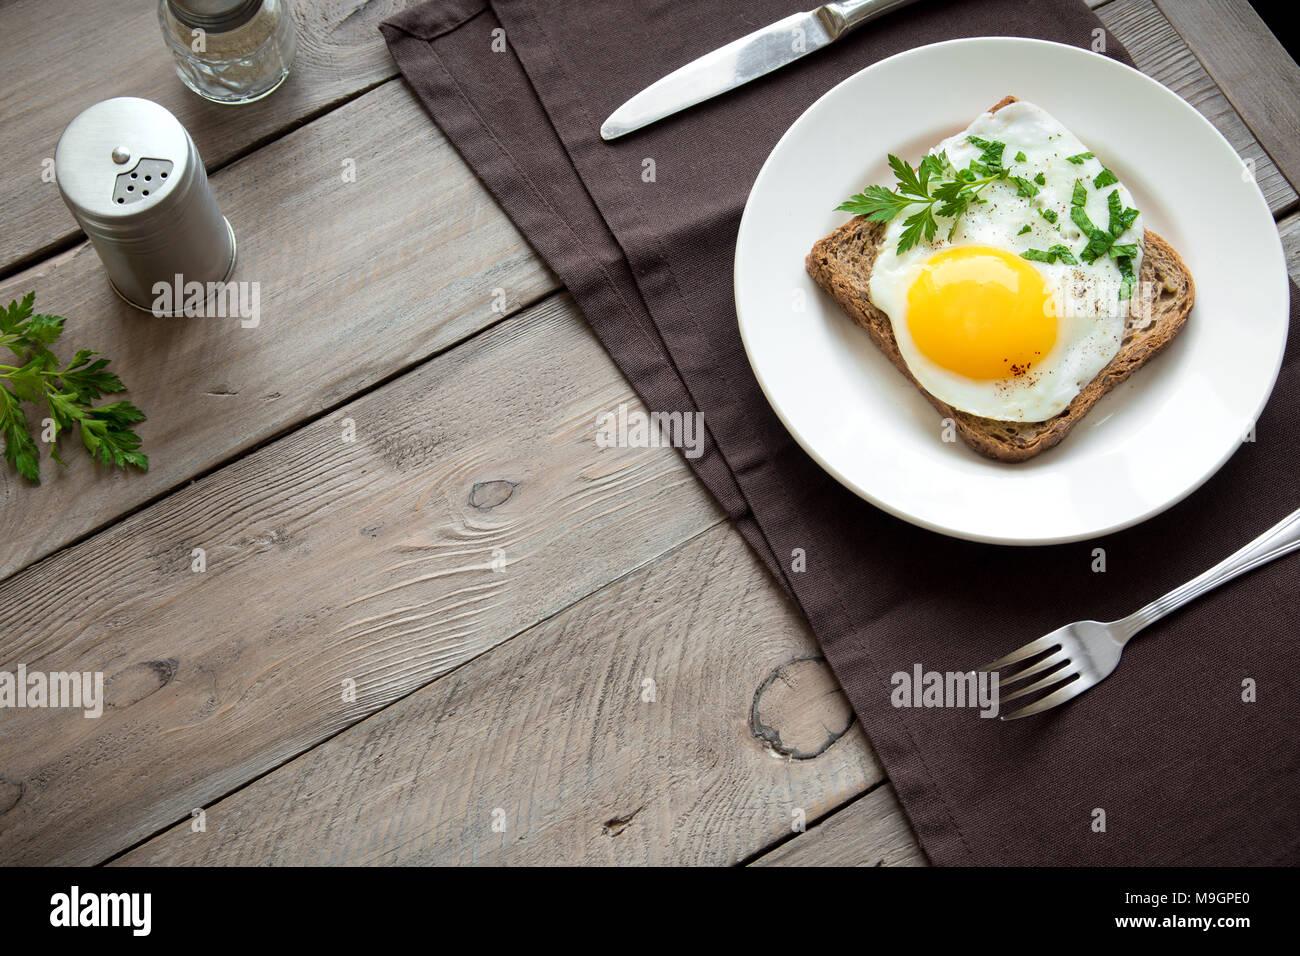 Spiegelei auf Vollkorn Toast und Kaffee zum Frühstück. Spiegelei mit Brot auf dem Teller über Holz- Tabelle, Ansicht von oben, kopieren. Stockbild